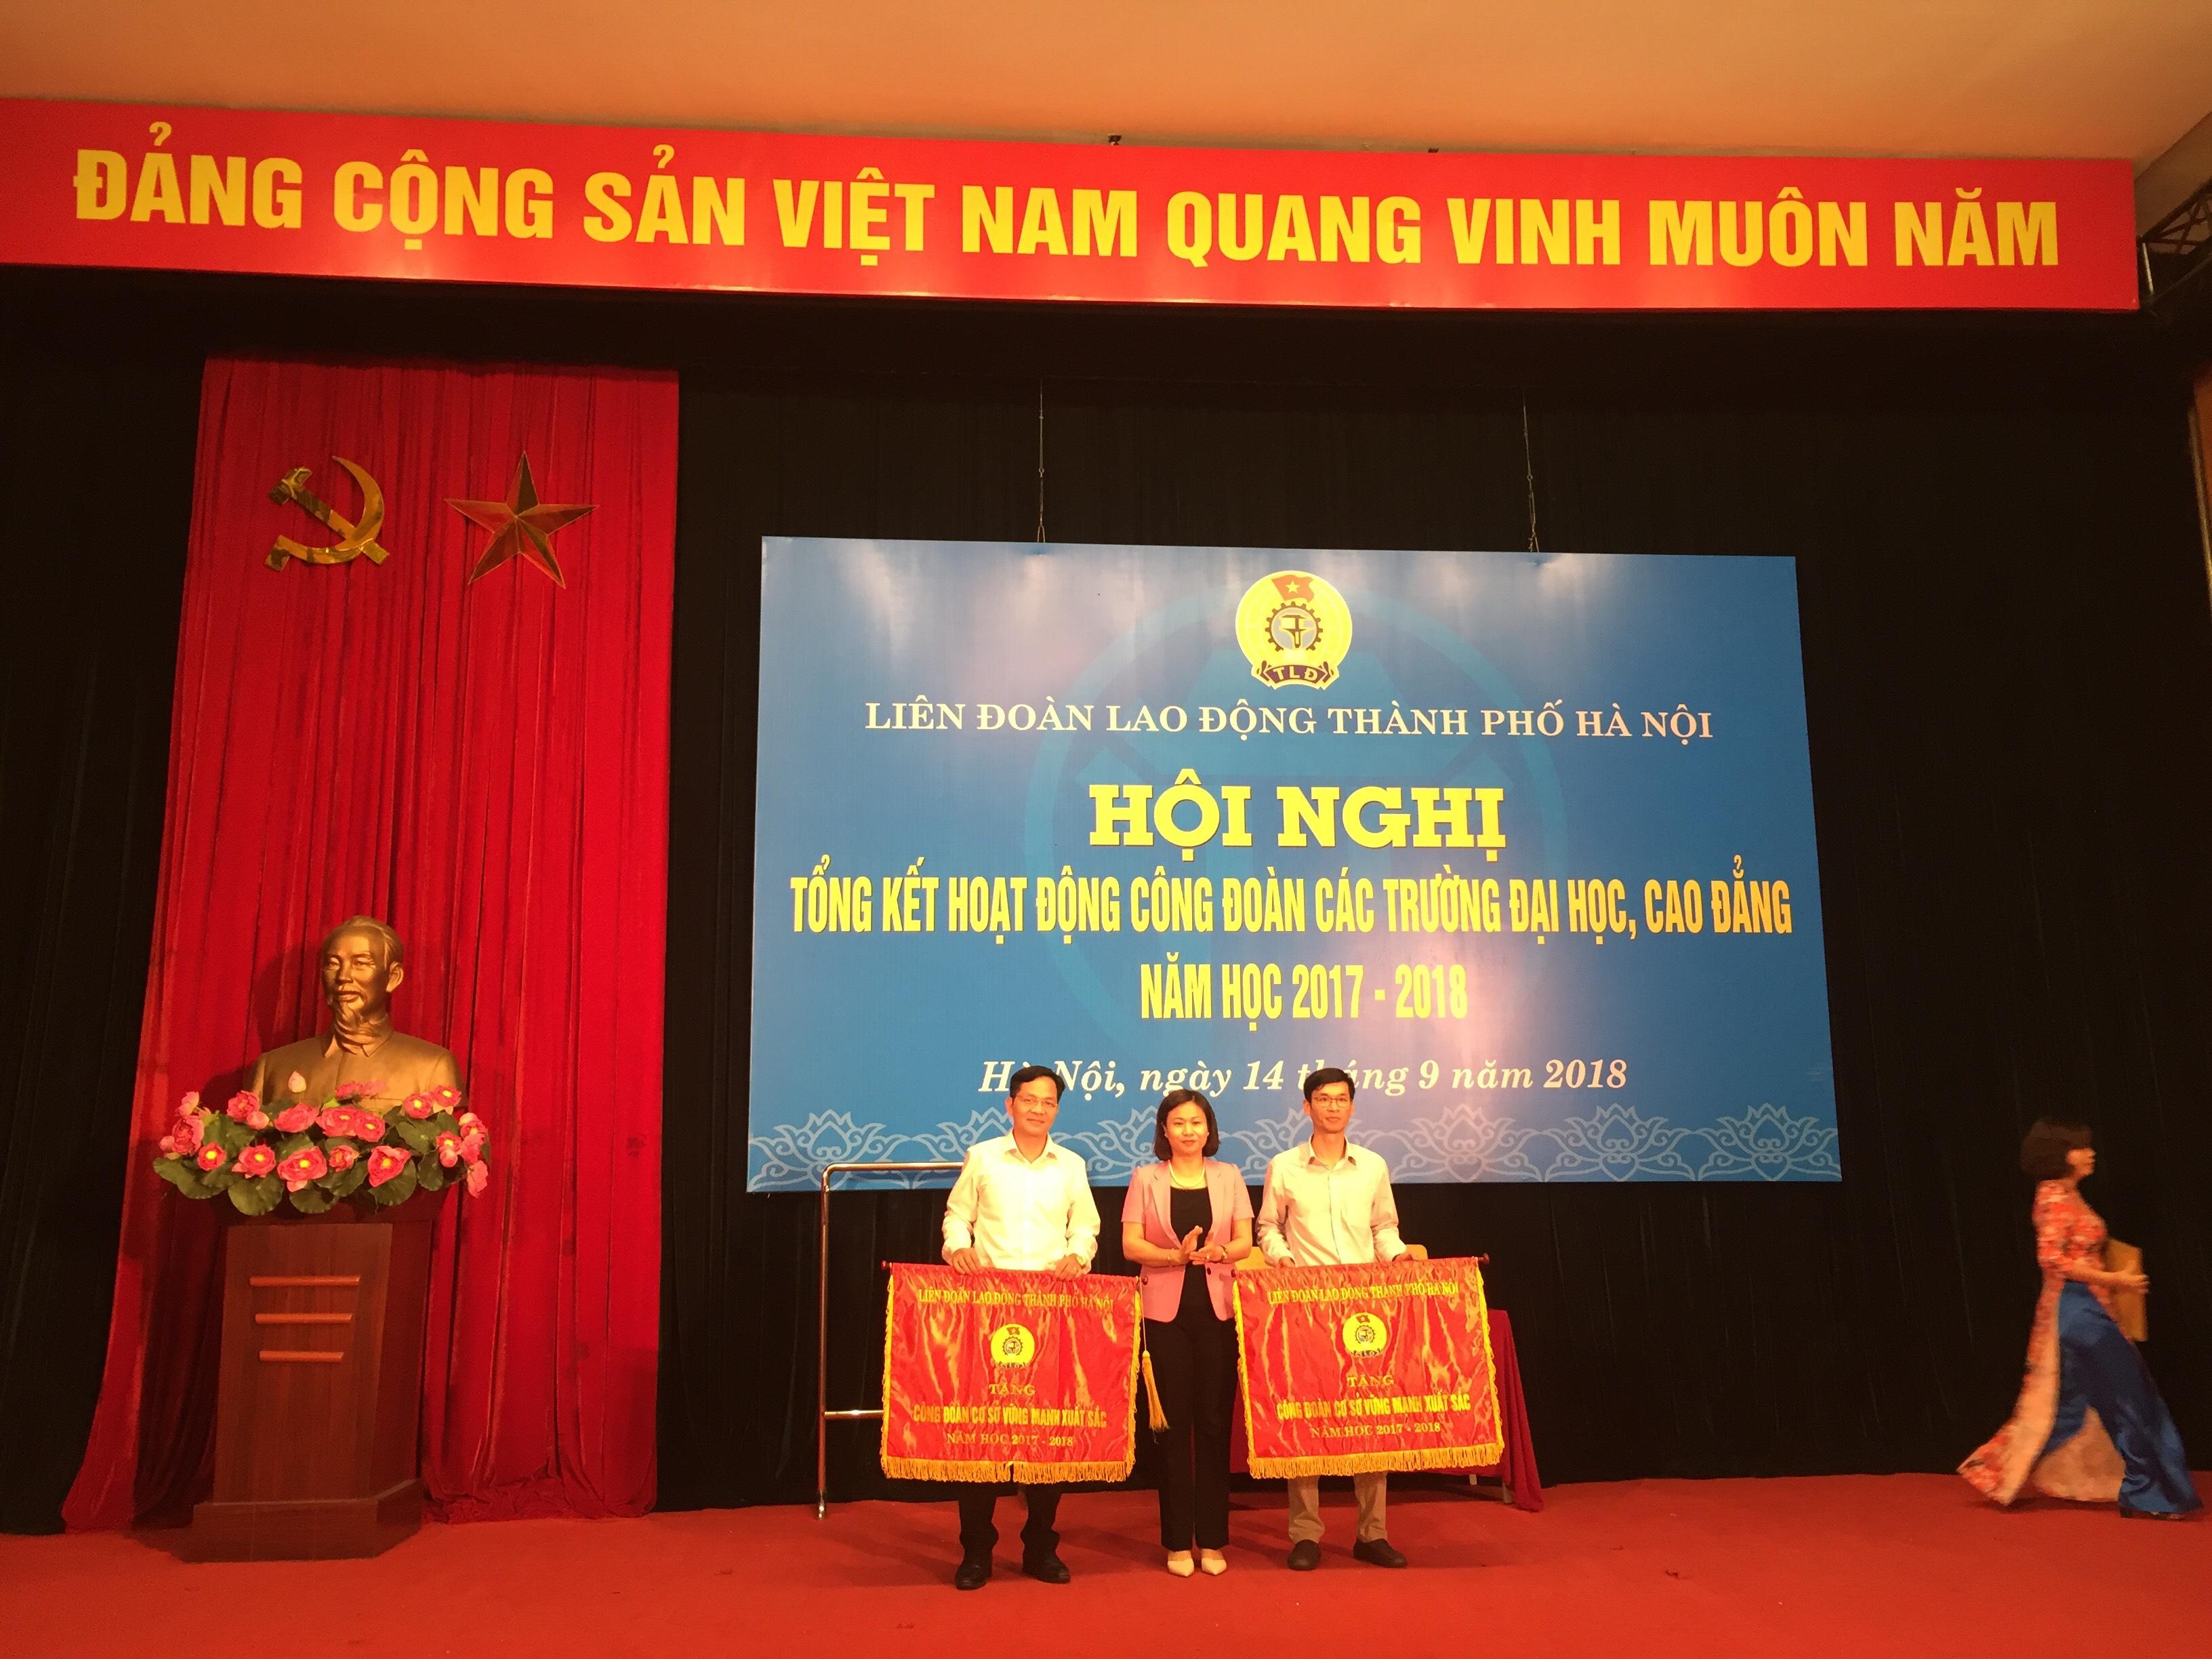 Công đoàn Trường Đại học Văn hóa Hà Nội vinh dự nhận cờ thi đua năm học 2017 - 2018 của Liên đoàn Lao động Thành phố Hà Nội